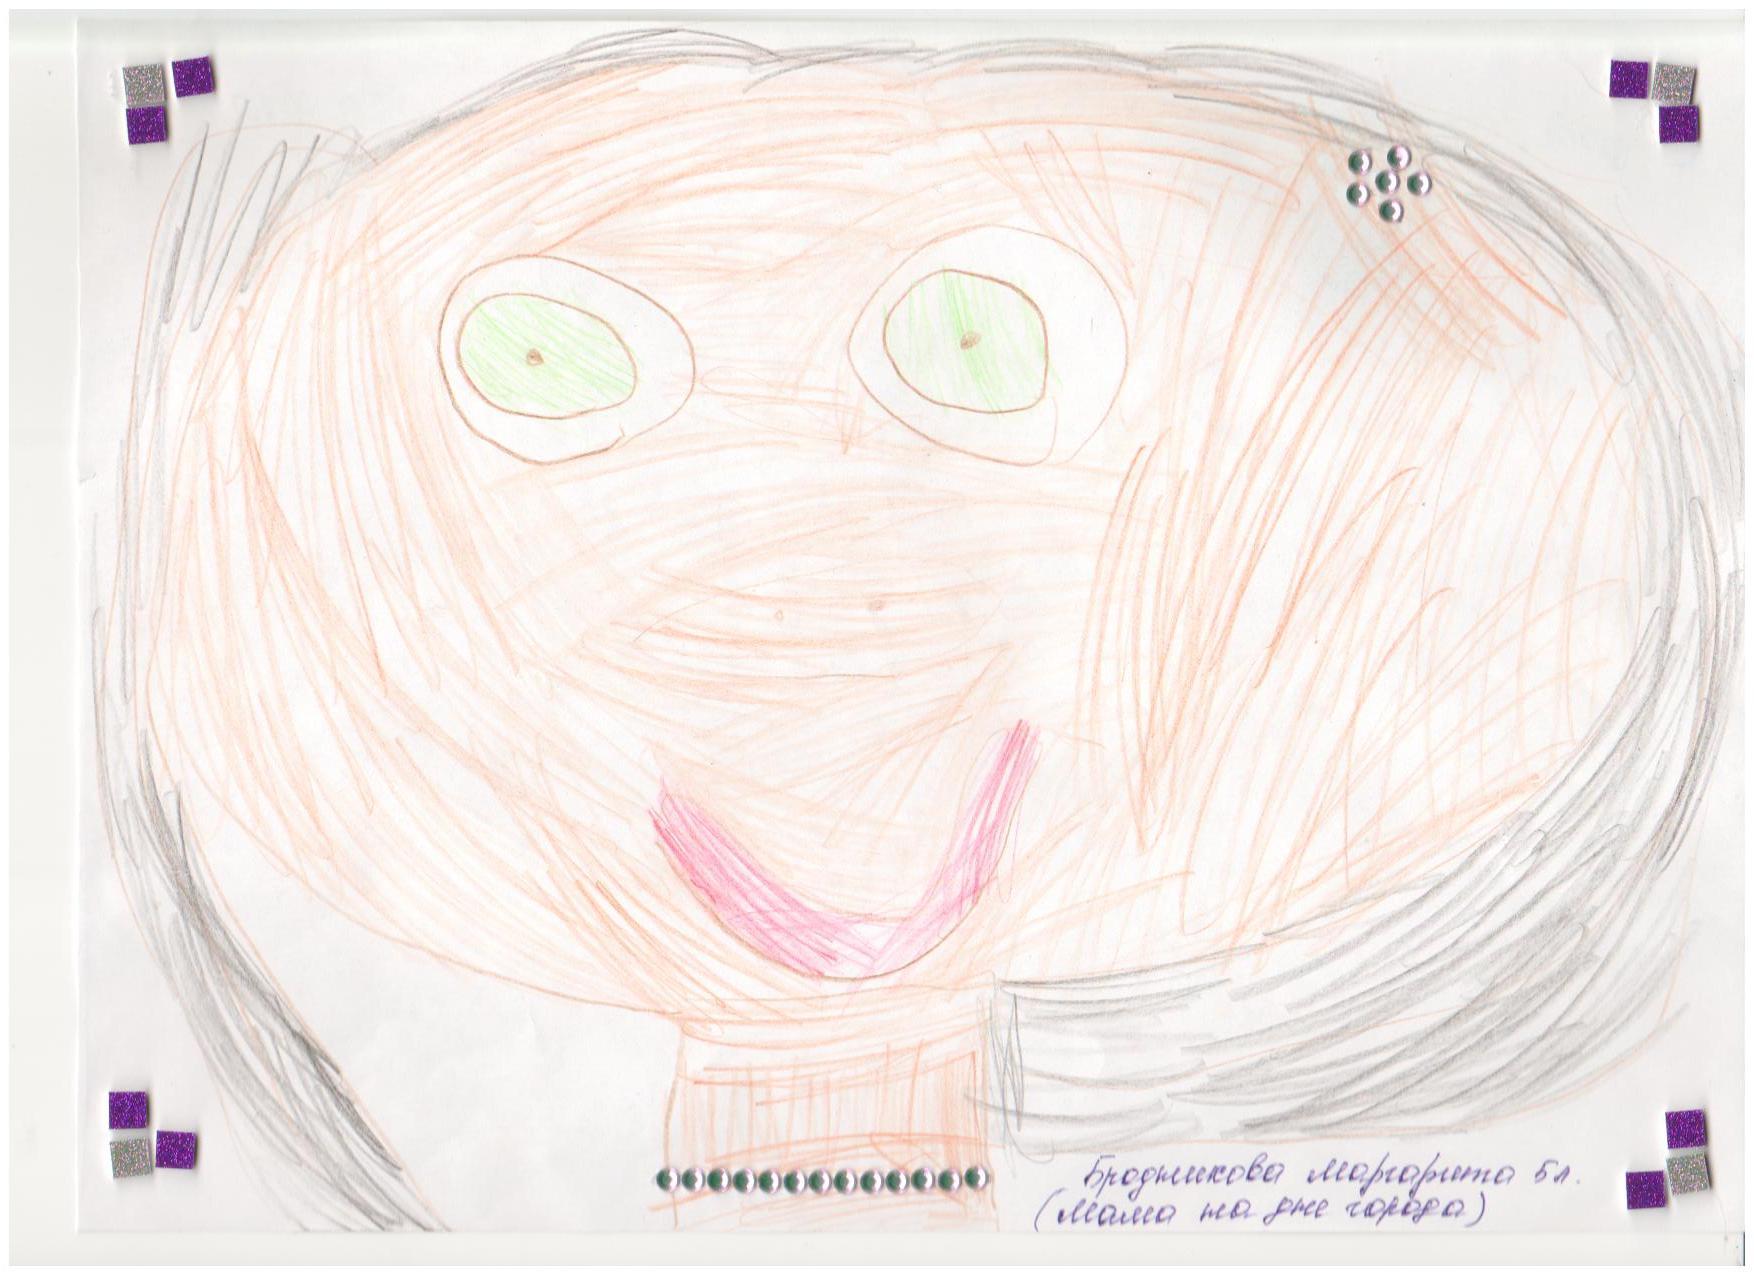 Бродникова Маргарита За креатив в конкурсе рисунков ко Дню города 2015 среди участников в возрасте о